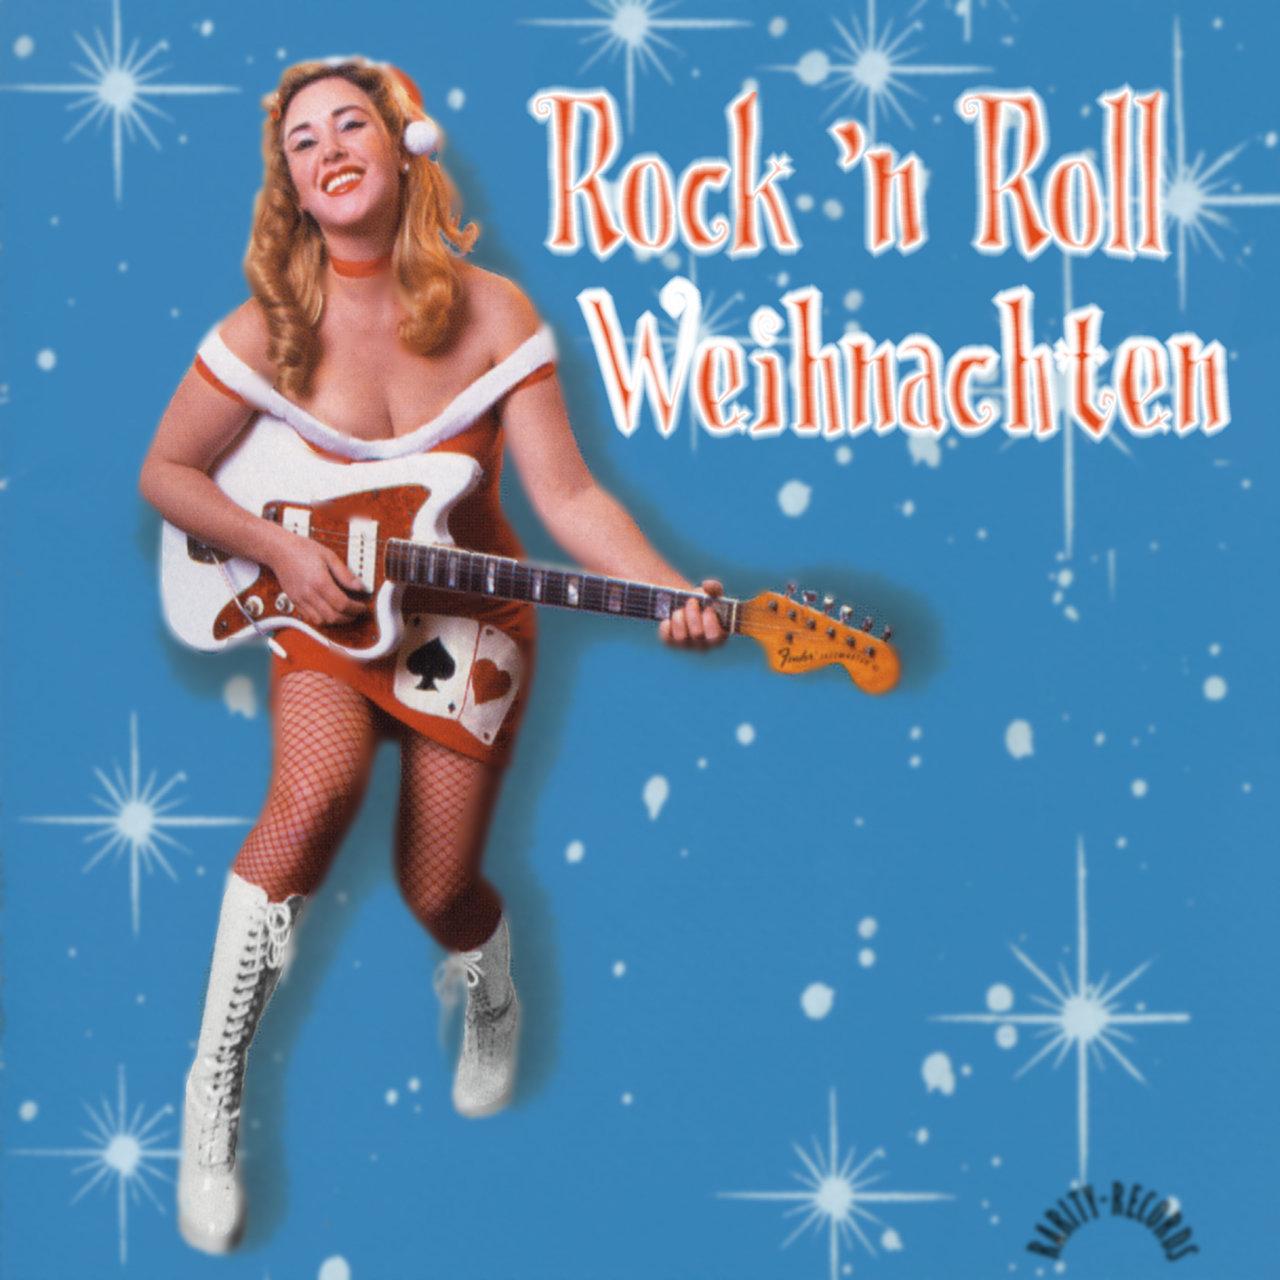 TIDAL: Listen to Rock \'n Roll Weihnachten on TIDAL